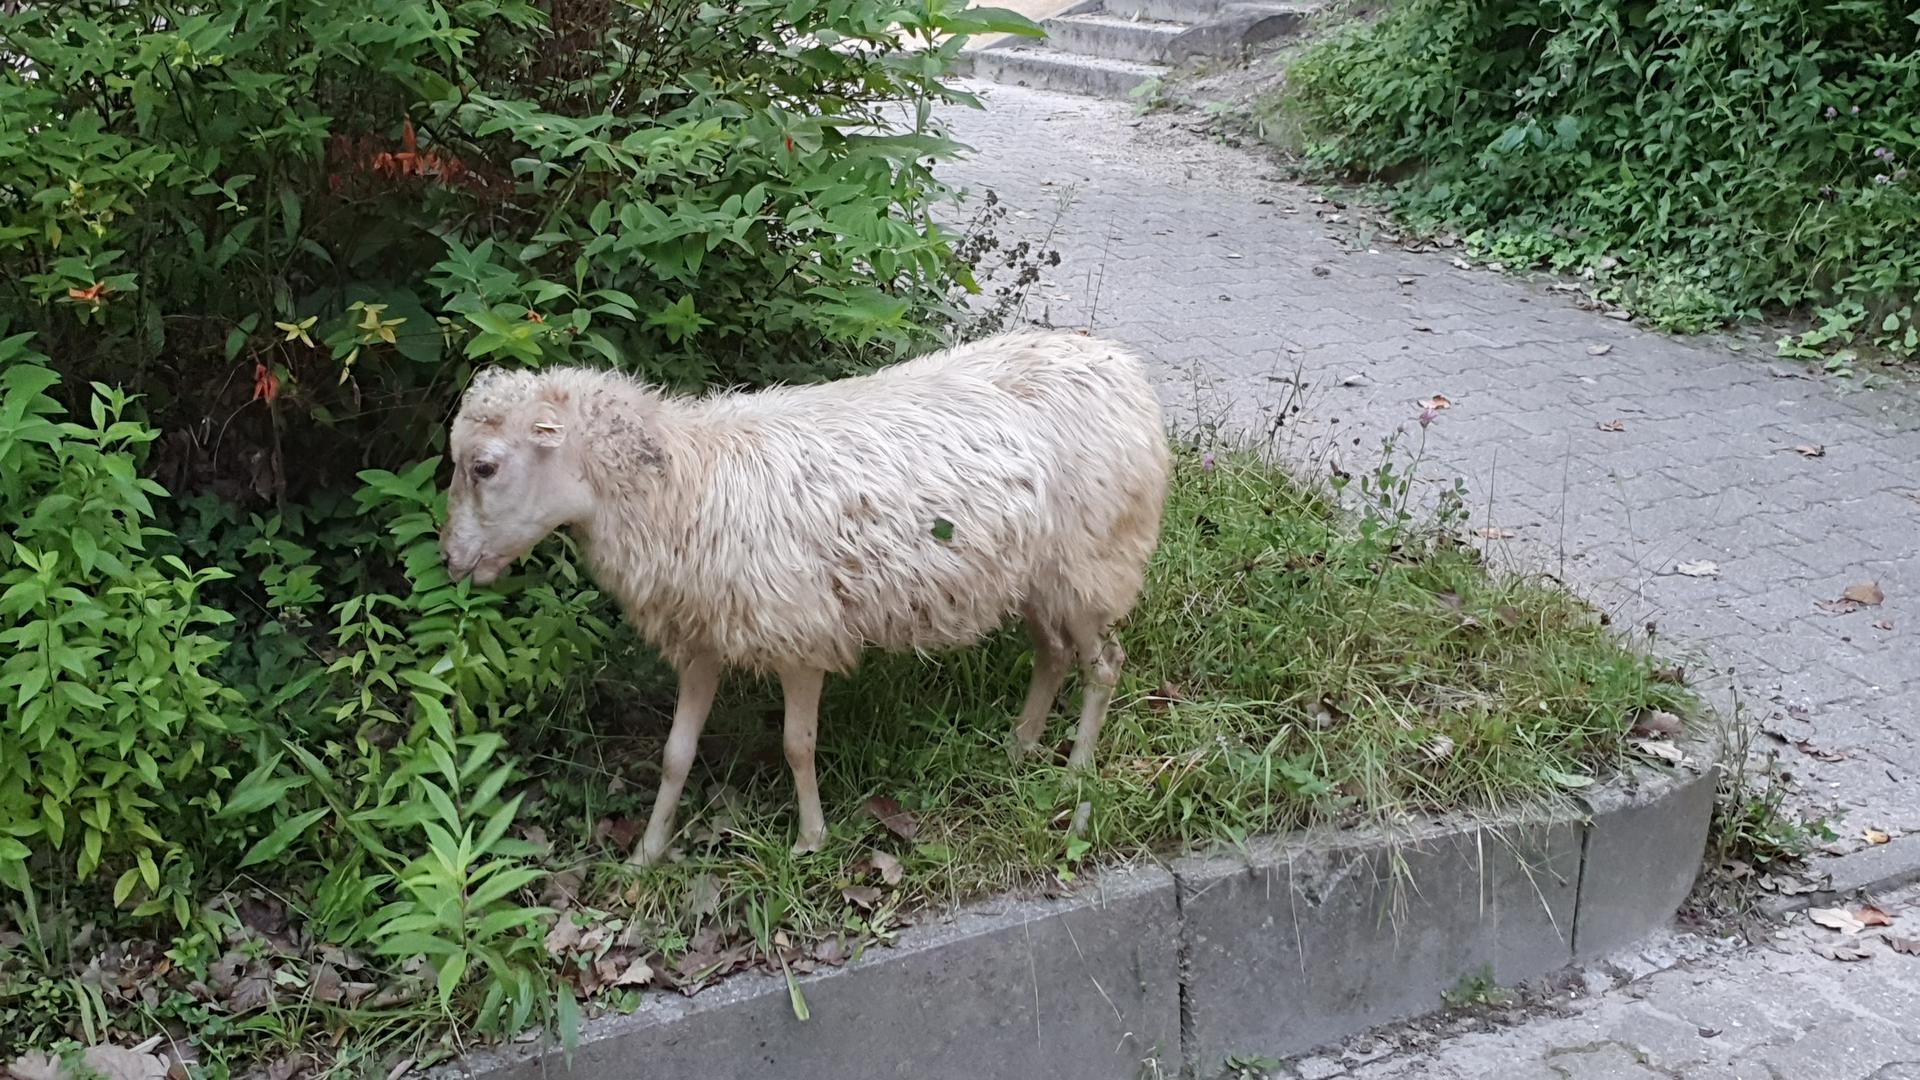 Ausgebüxt: Ein Schaf ist in Durlach auf Abwege geraten. Die Polizei ermittelte den Besitzer und bewachte das Tier.